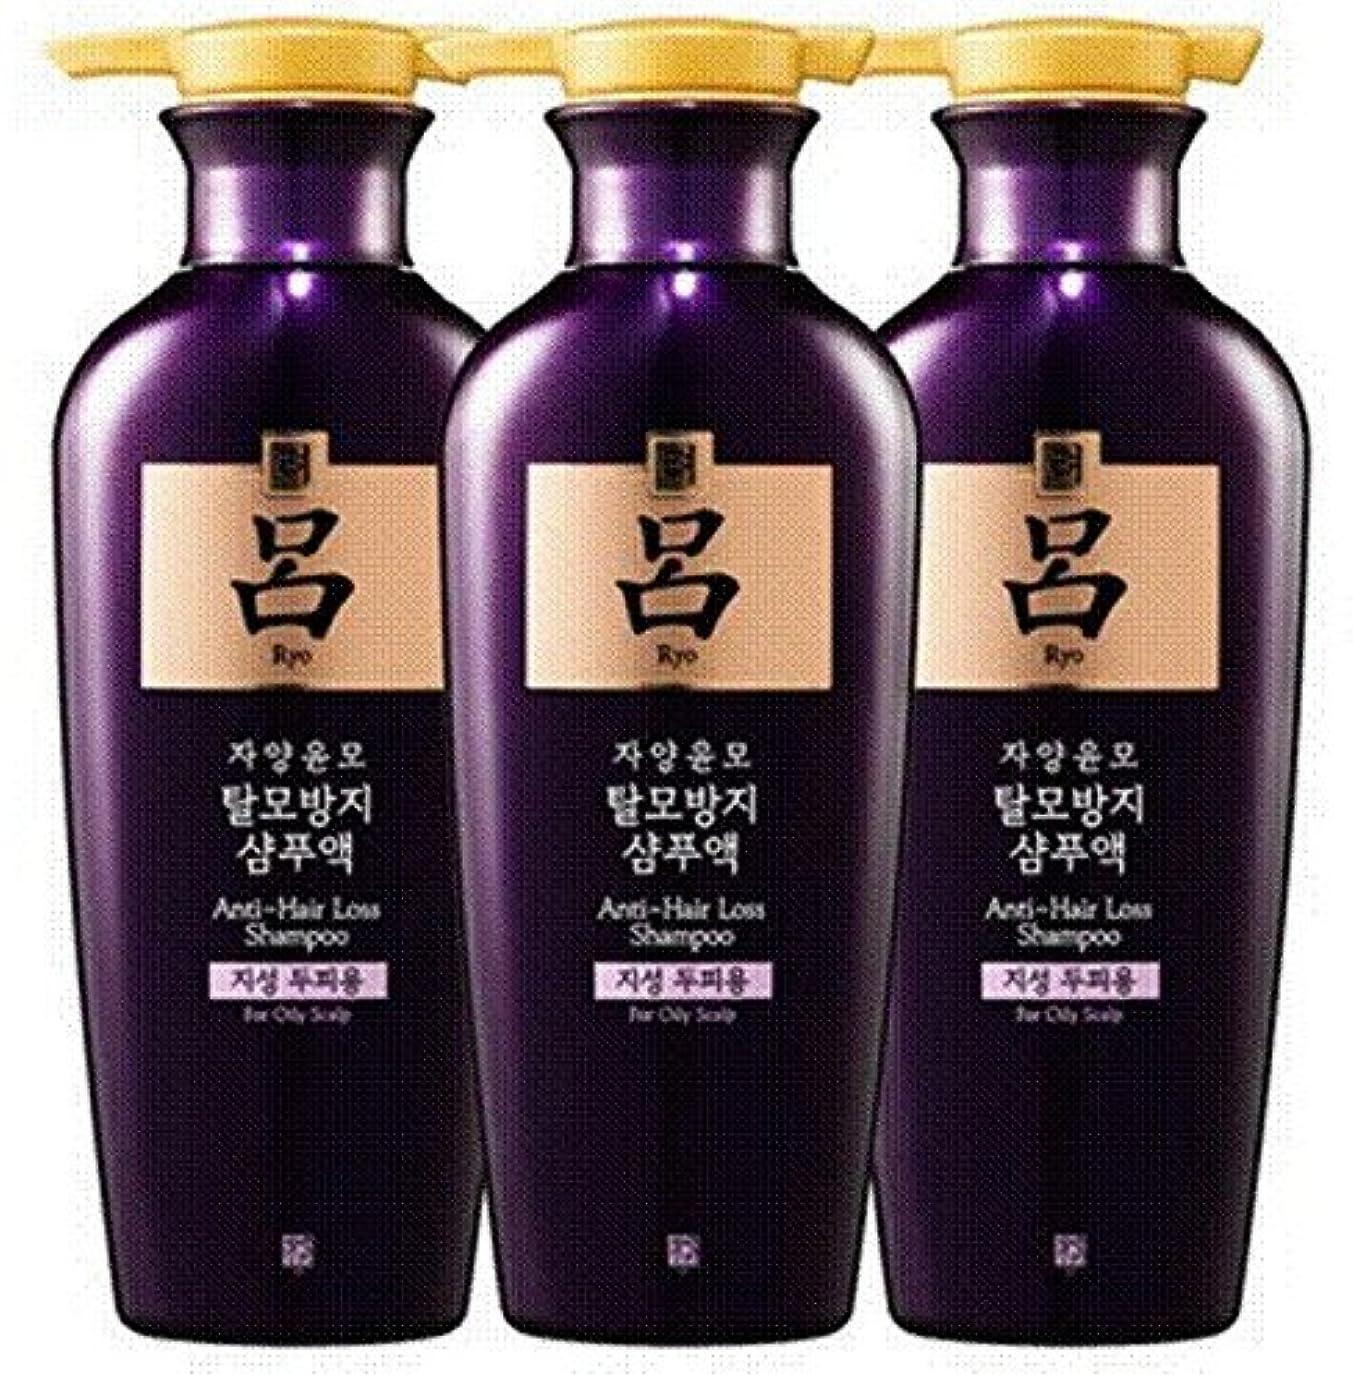 安定した八百屋ブースの脱毛防止シャンプー(アモーレパシフィック)呂 う者ヤンユンモ脱毛防止シャンプー脂性頭皮用RYO Anti Hair Loss Shampoo400ml X3(海外直送品)[並行輸入品]